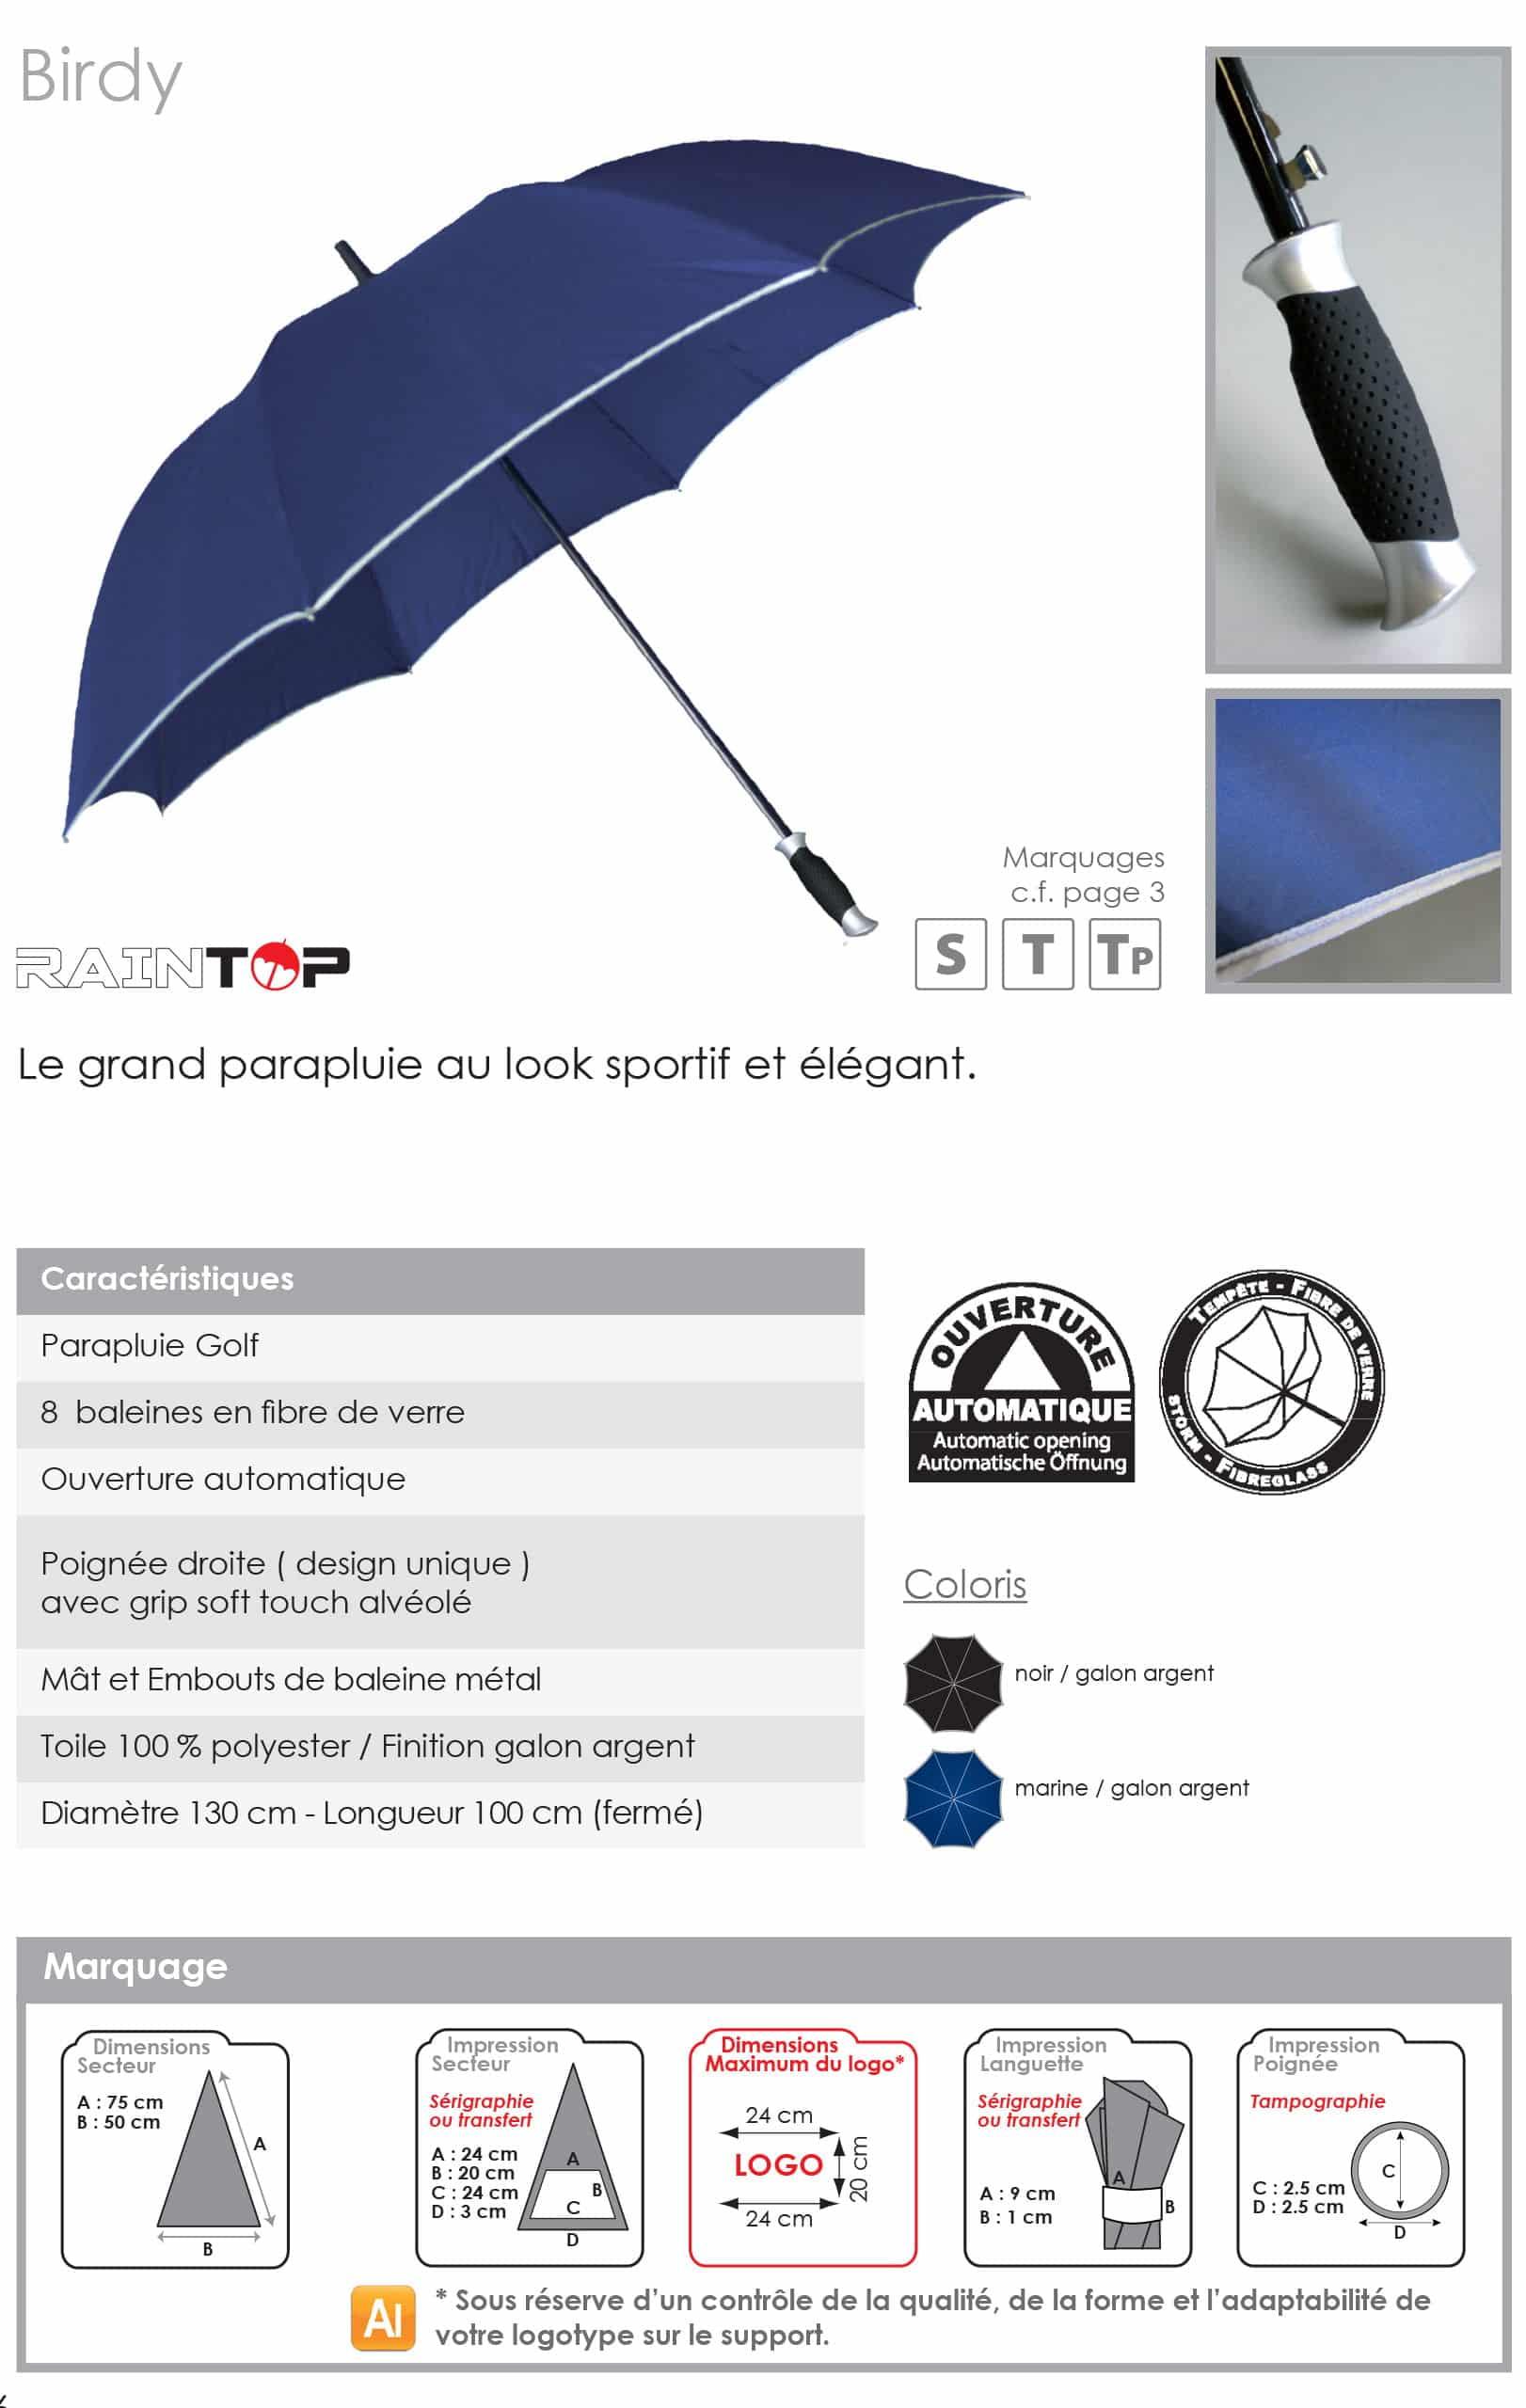 parapluie publicitaire golf haut de gamme